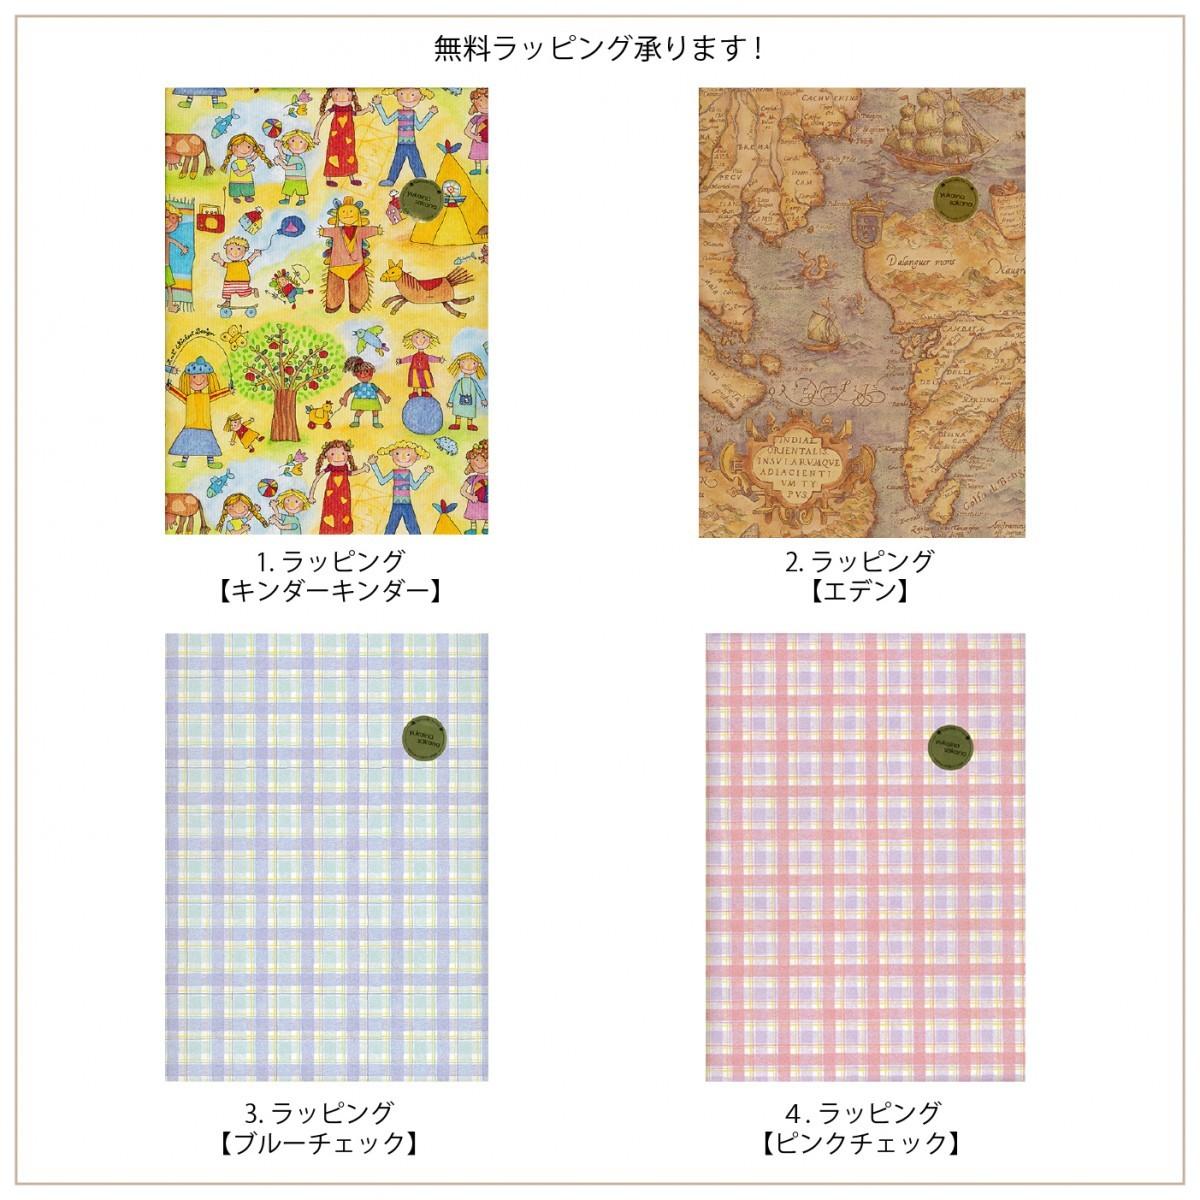 テンデイズゲームズ キングドミノ 日本語版の商品画像|2